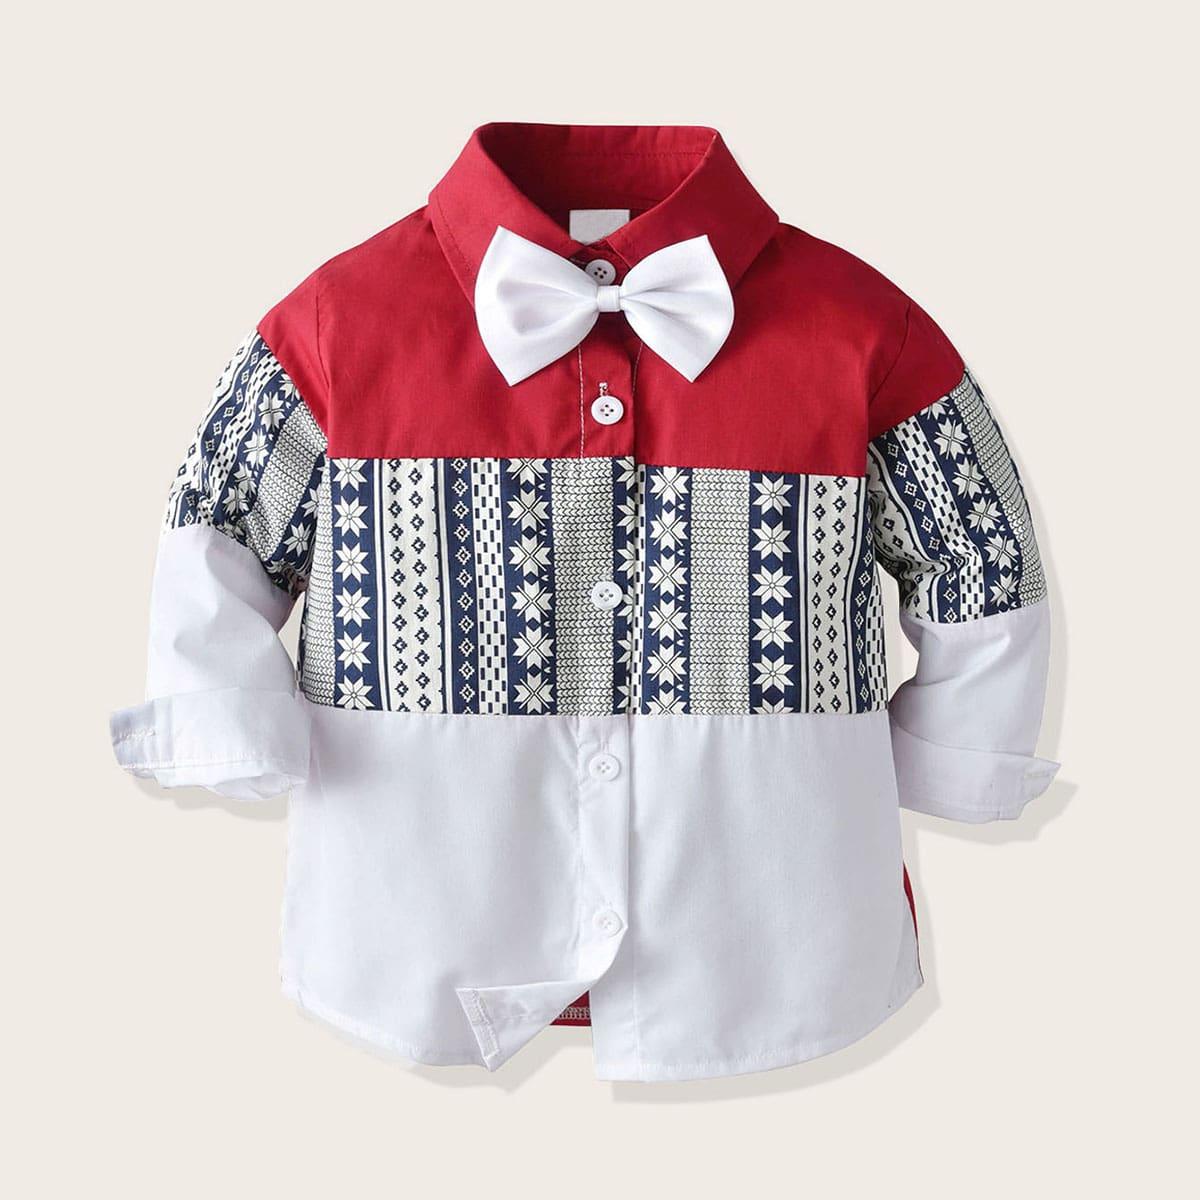 Контрастная рубашка с бантом и племенным принтом для мальчиков от SHEIN